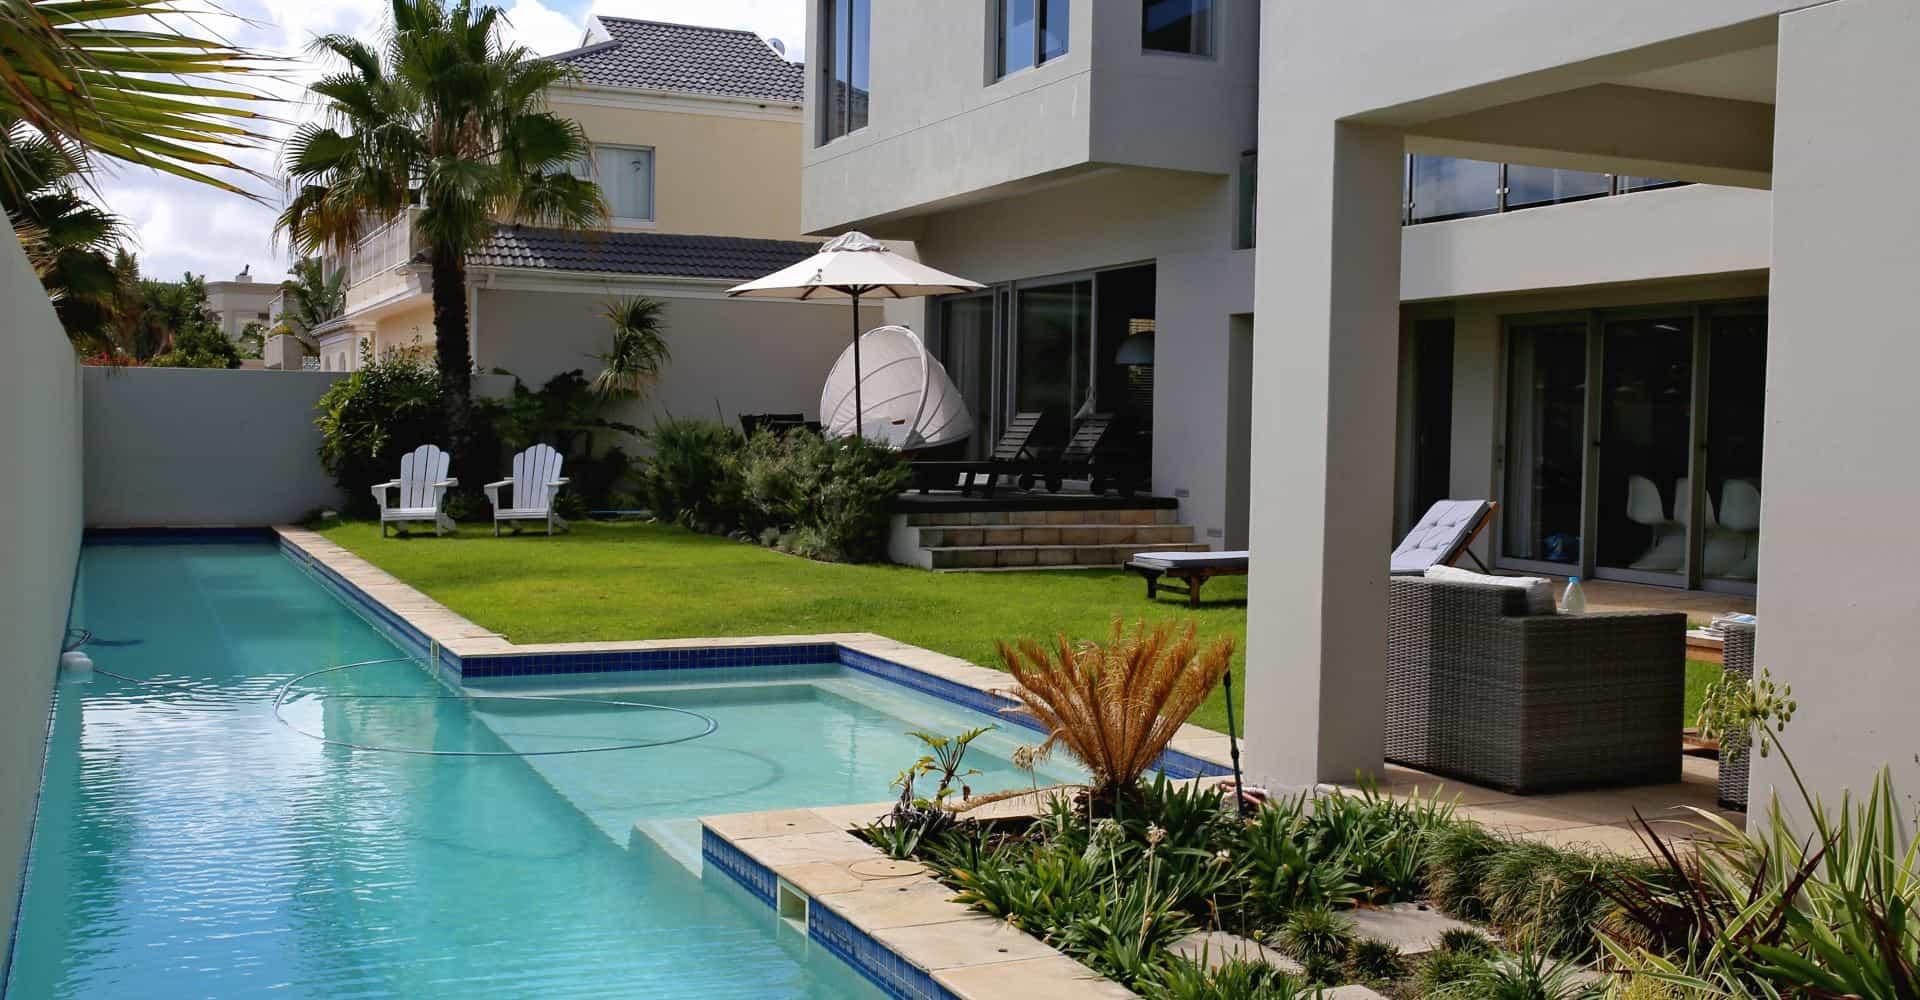 Gästehaus Aussenbereich mit Pool und Liegen - guesthouse pool with garden